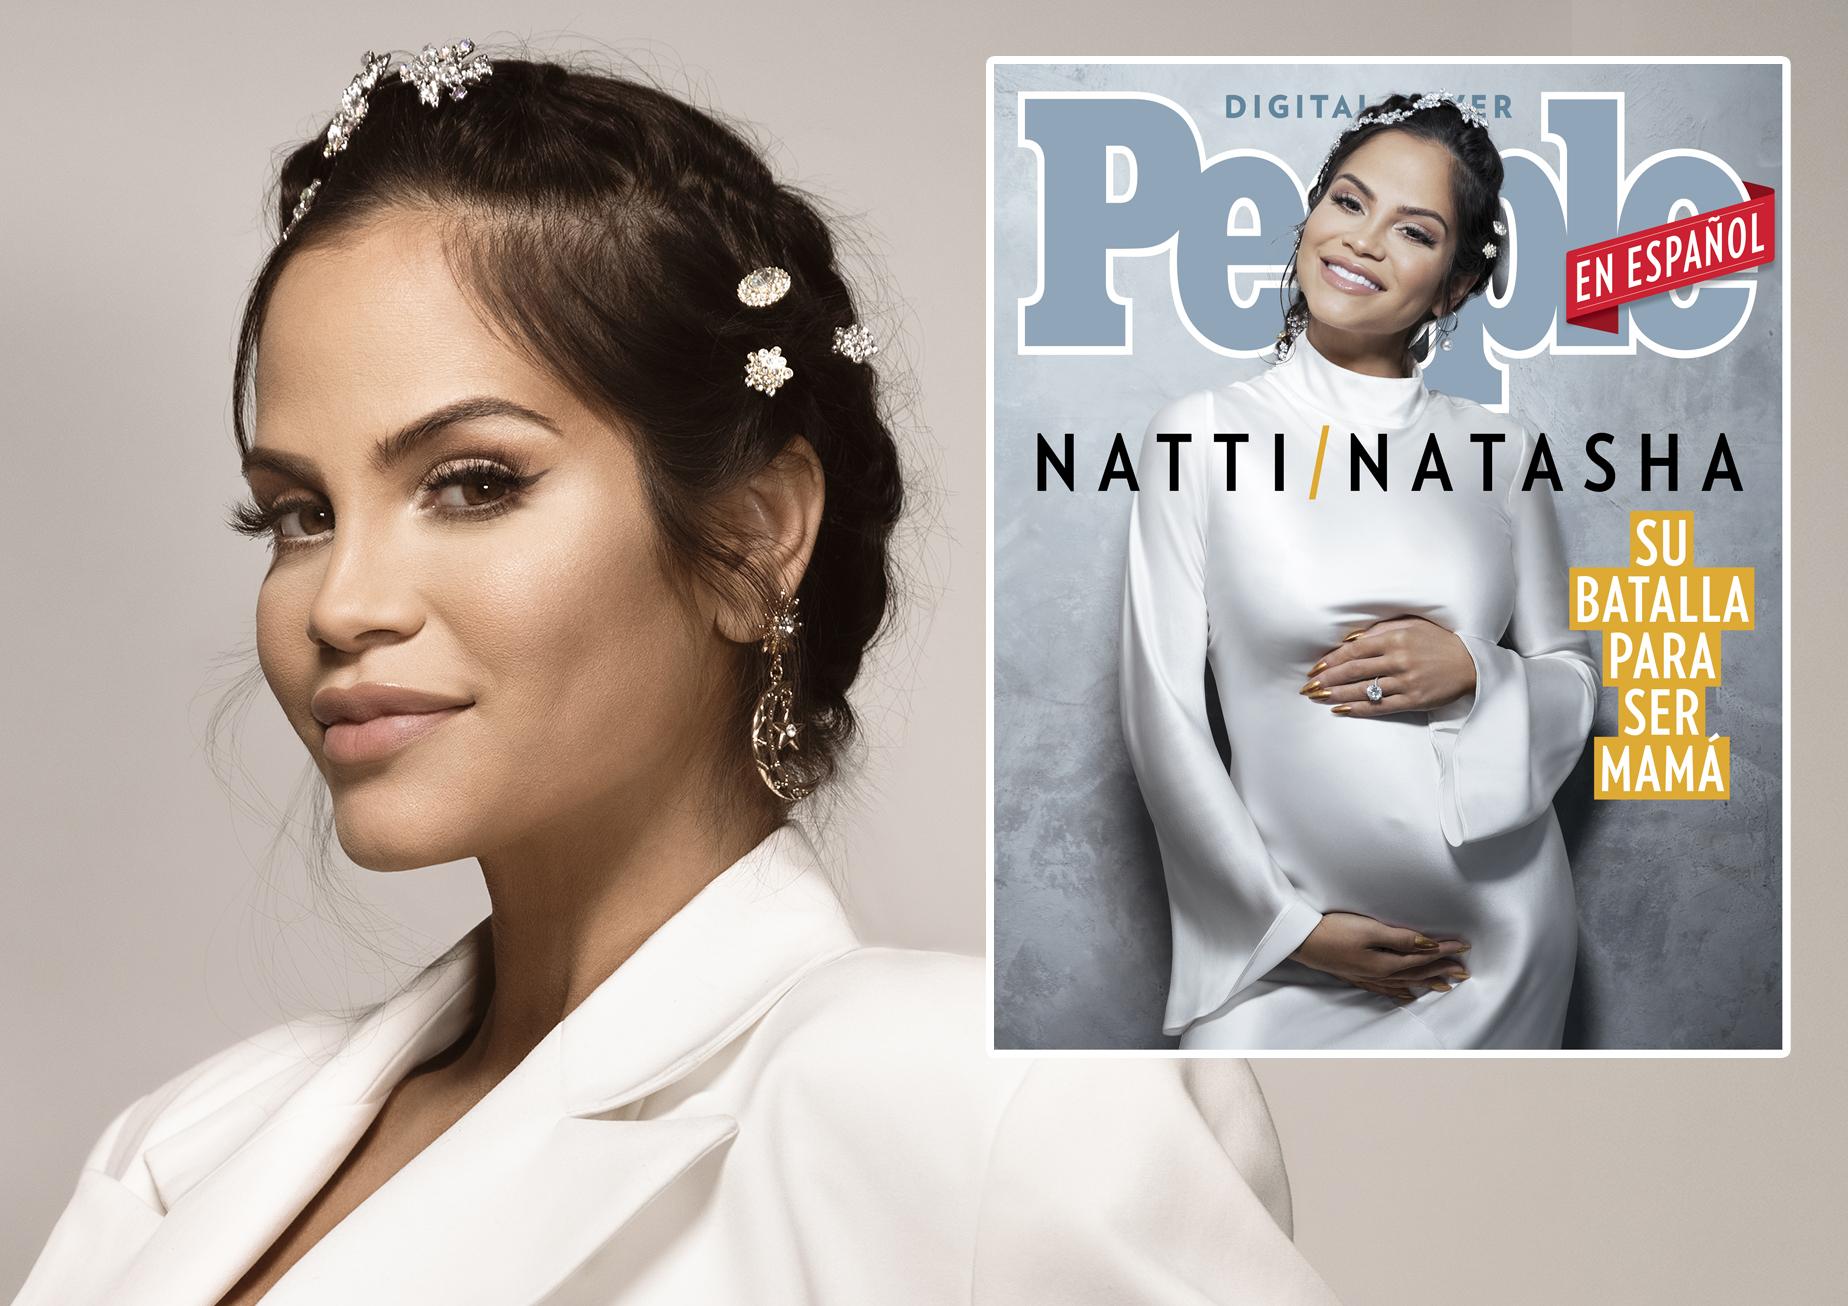 Natti Natasha - Digital Cover